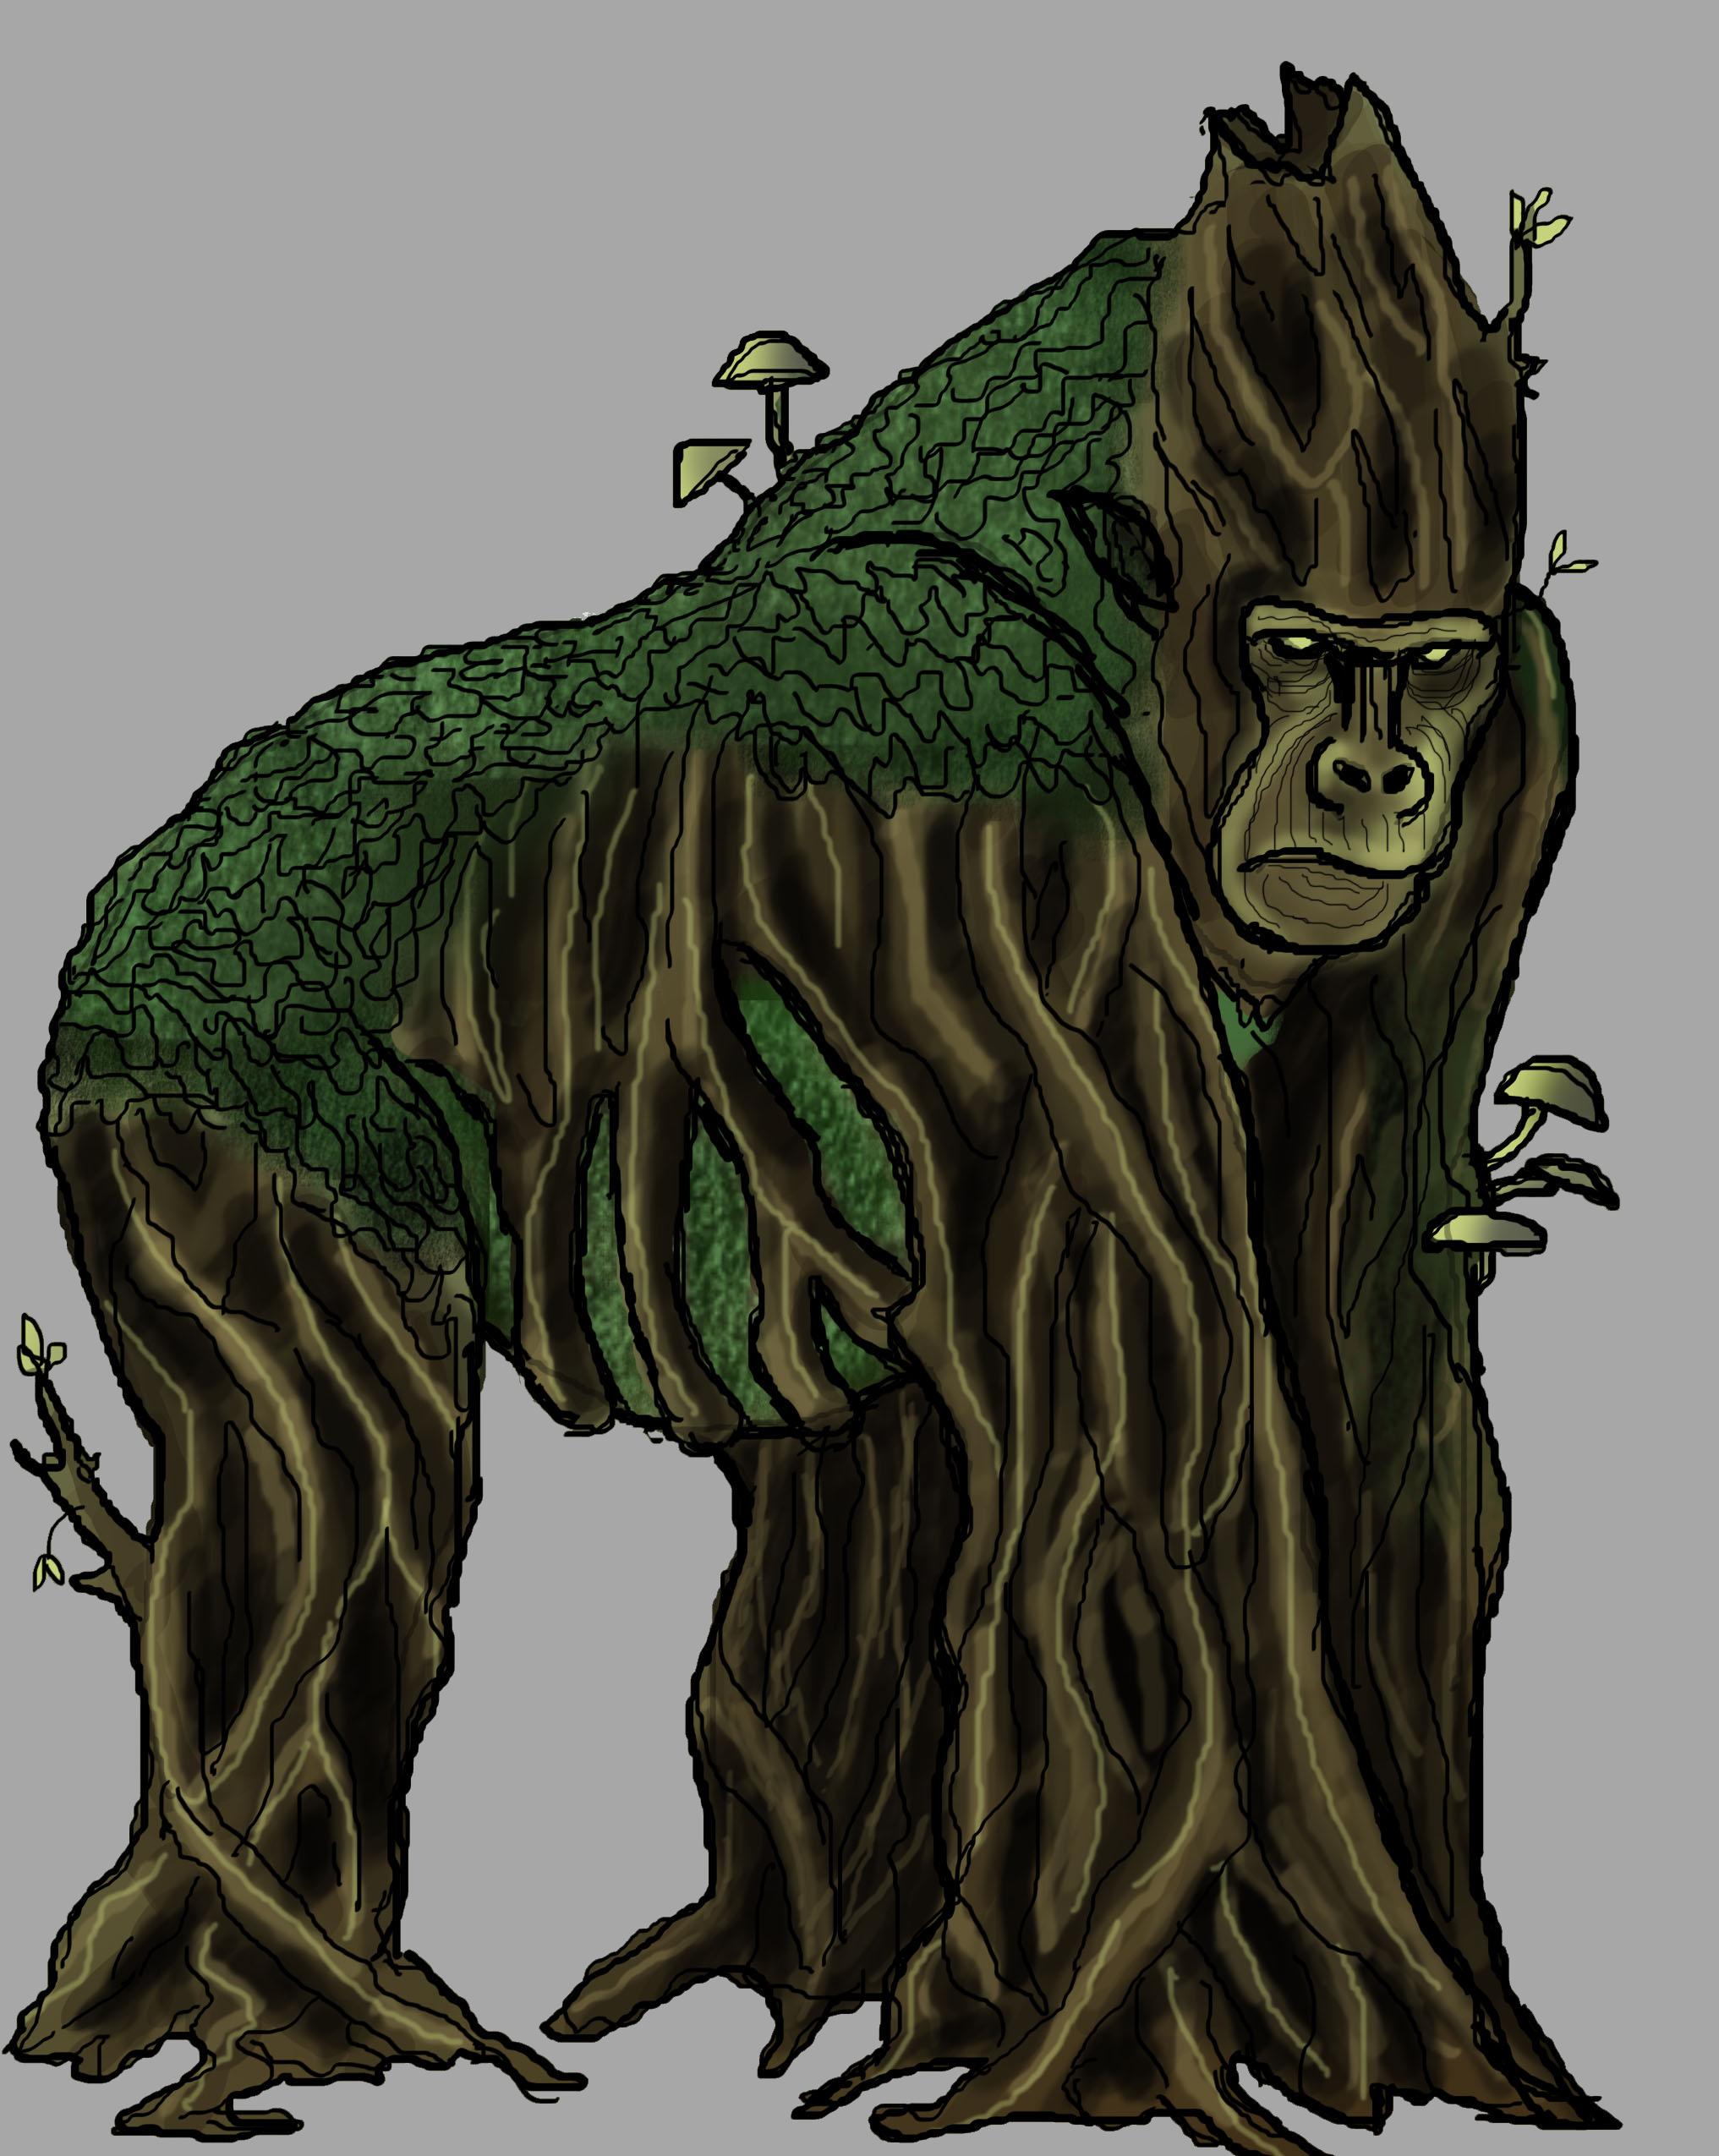 Mossback Gorilla